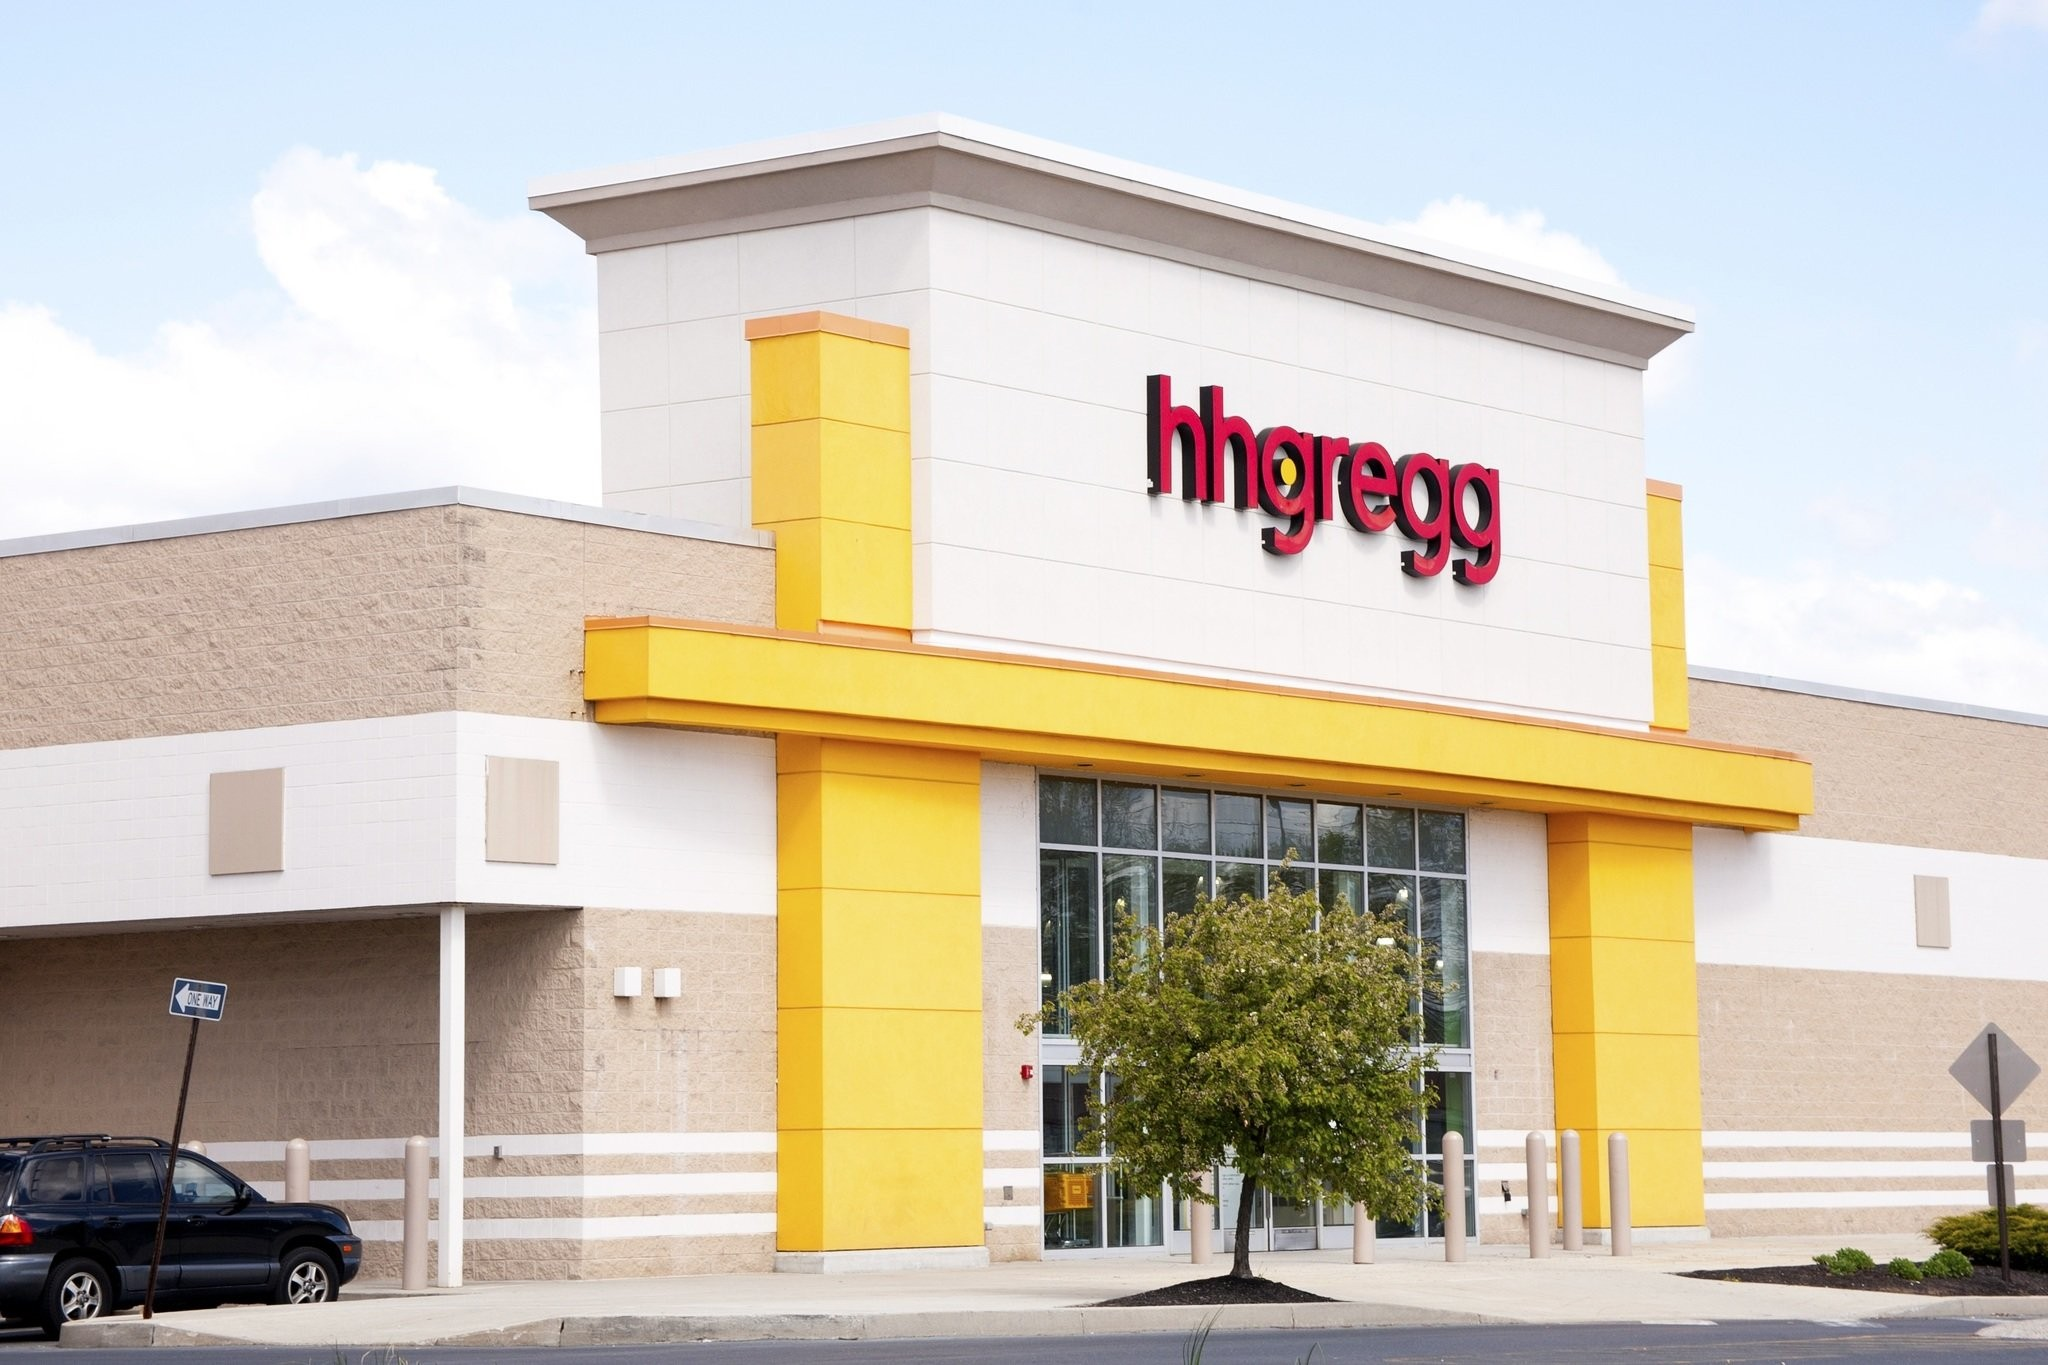 Hhgregg To Close 5 Midstate Stores Pennlive Com